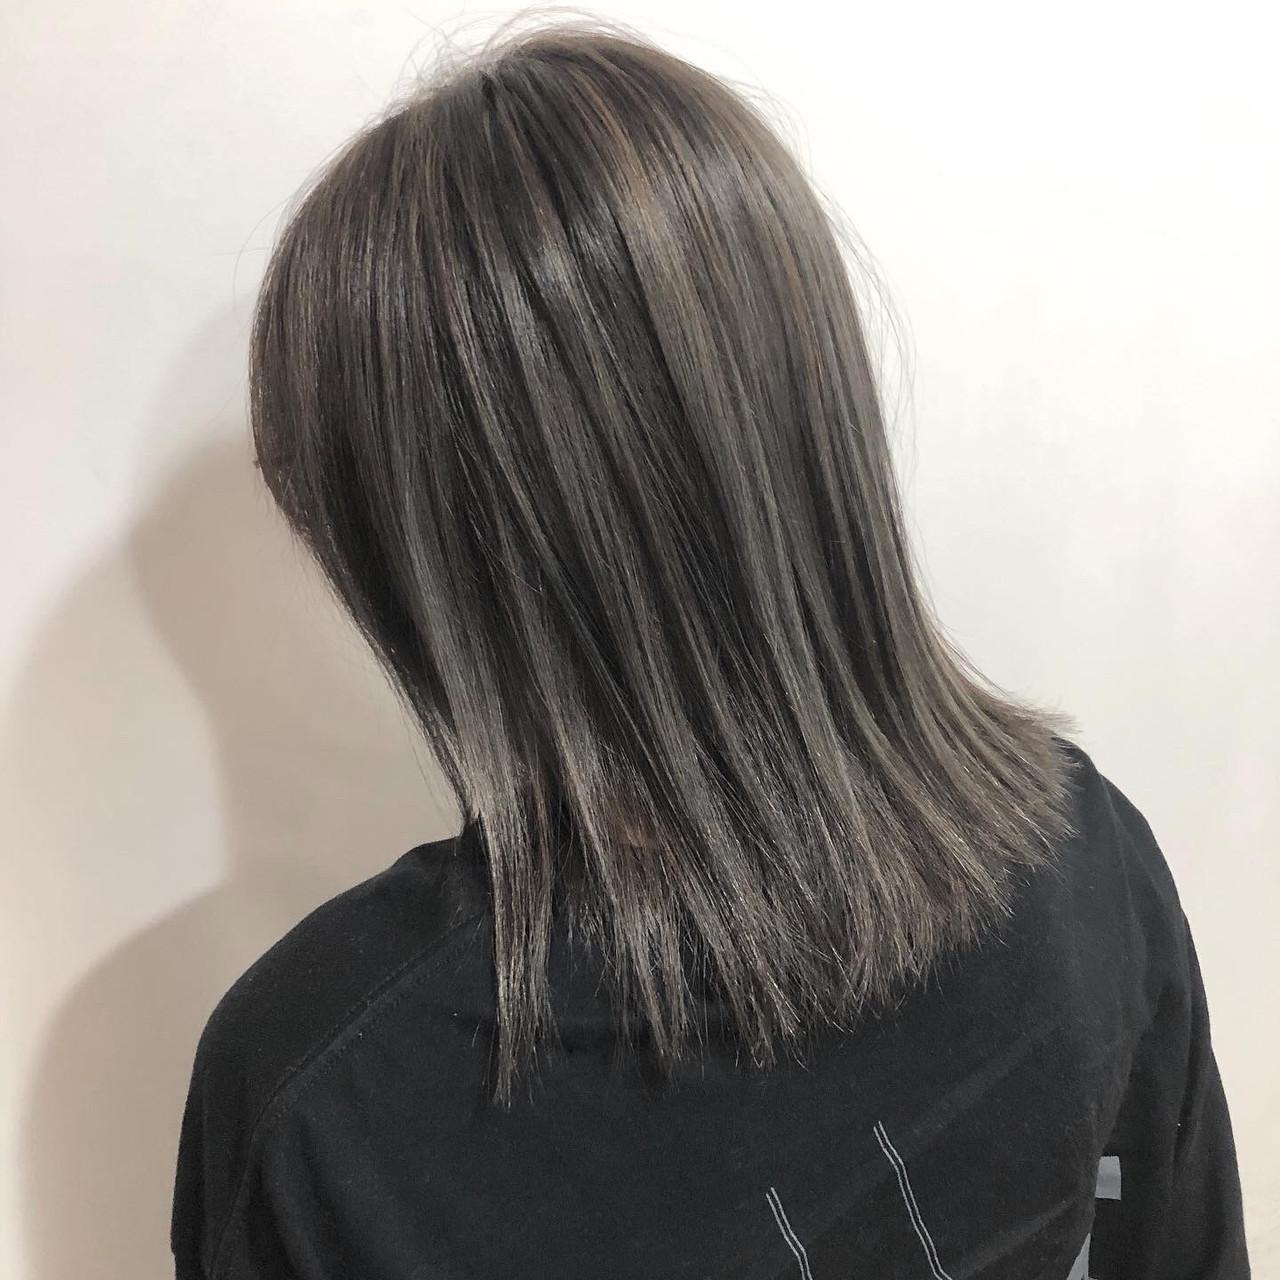 コンサバ コントラストハイライト ミディアム オシャレ ヘアスタイルや髪型の写真・画像 | 榎本旬祐 / hair stage jade